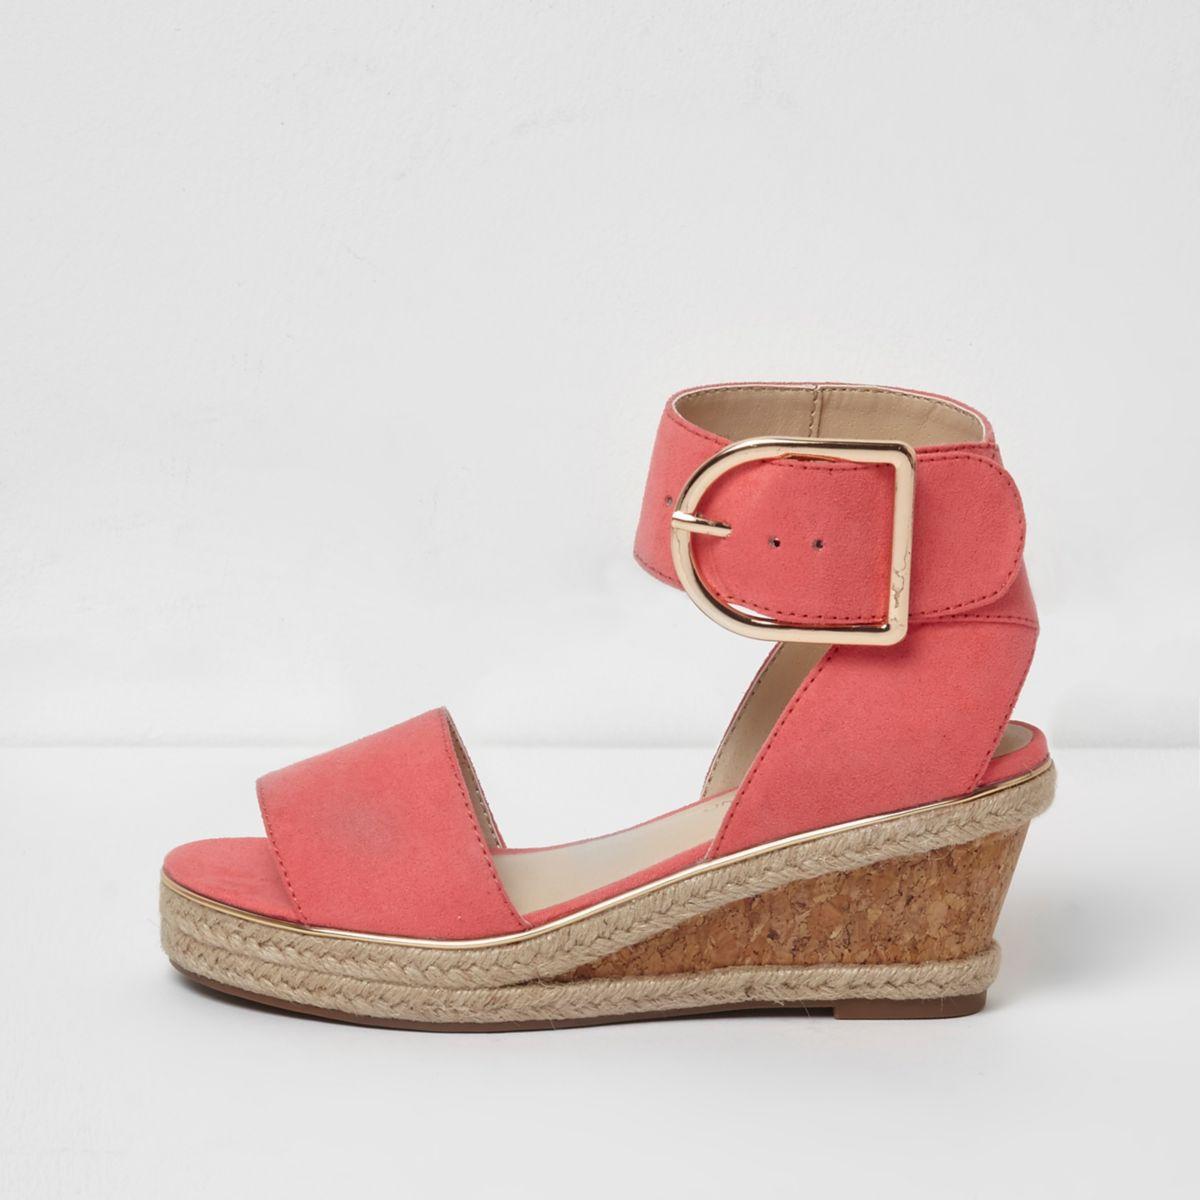 Sandales corail à talon compensé en liège façon espadrille pour fille